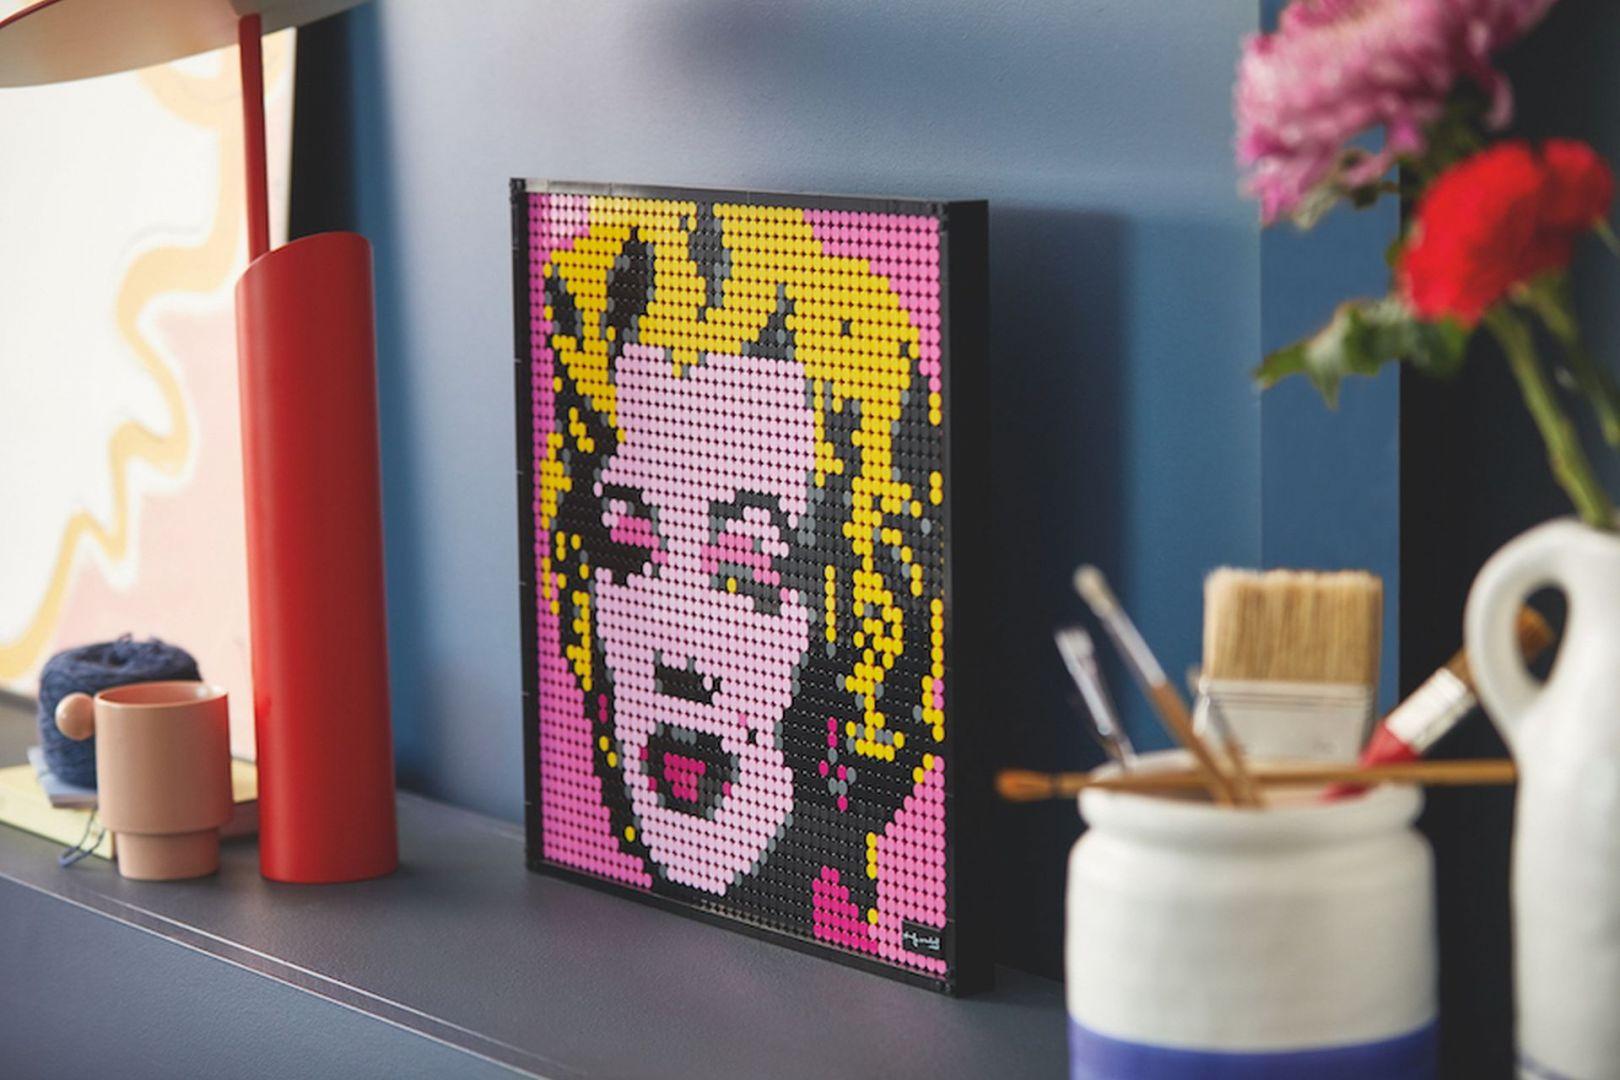 Marylin Monroe w klockach Lego. Cena pojedynczego zestawu to 549,99 zł. Fot. serwis prasowy Lego Art